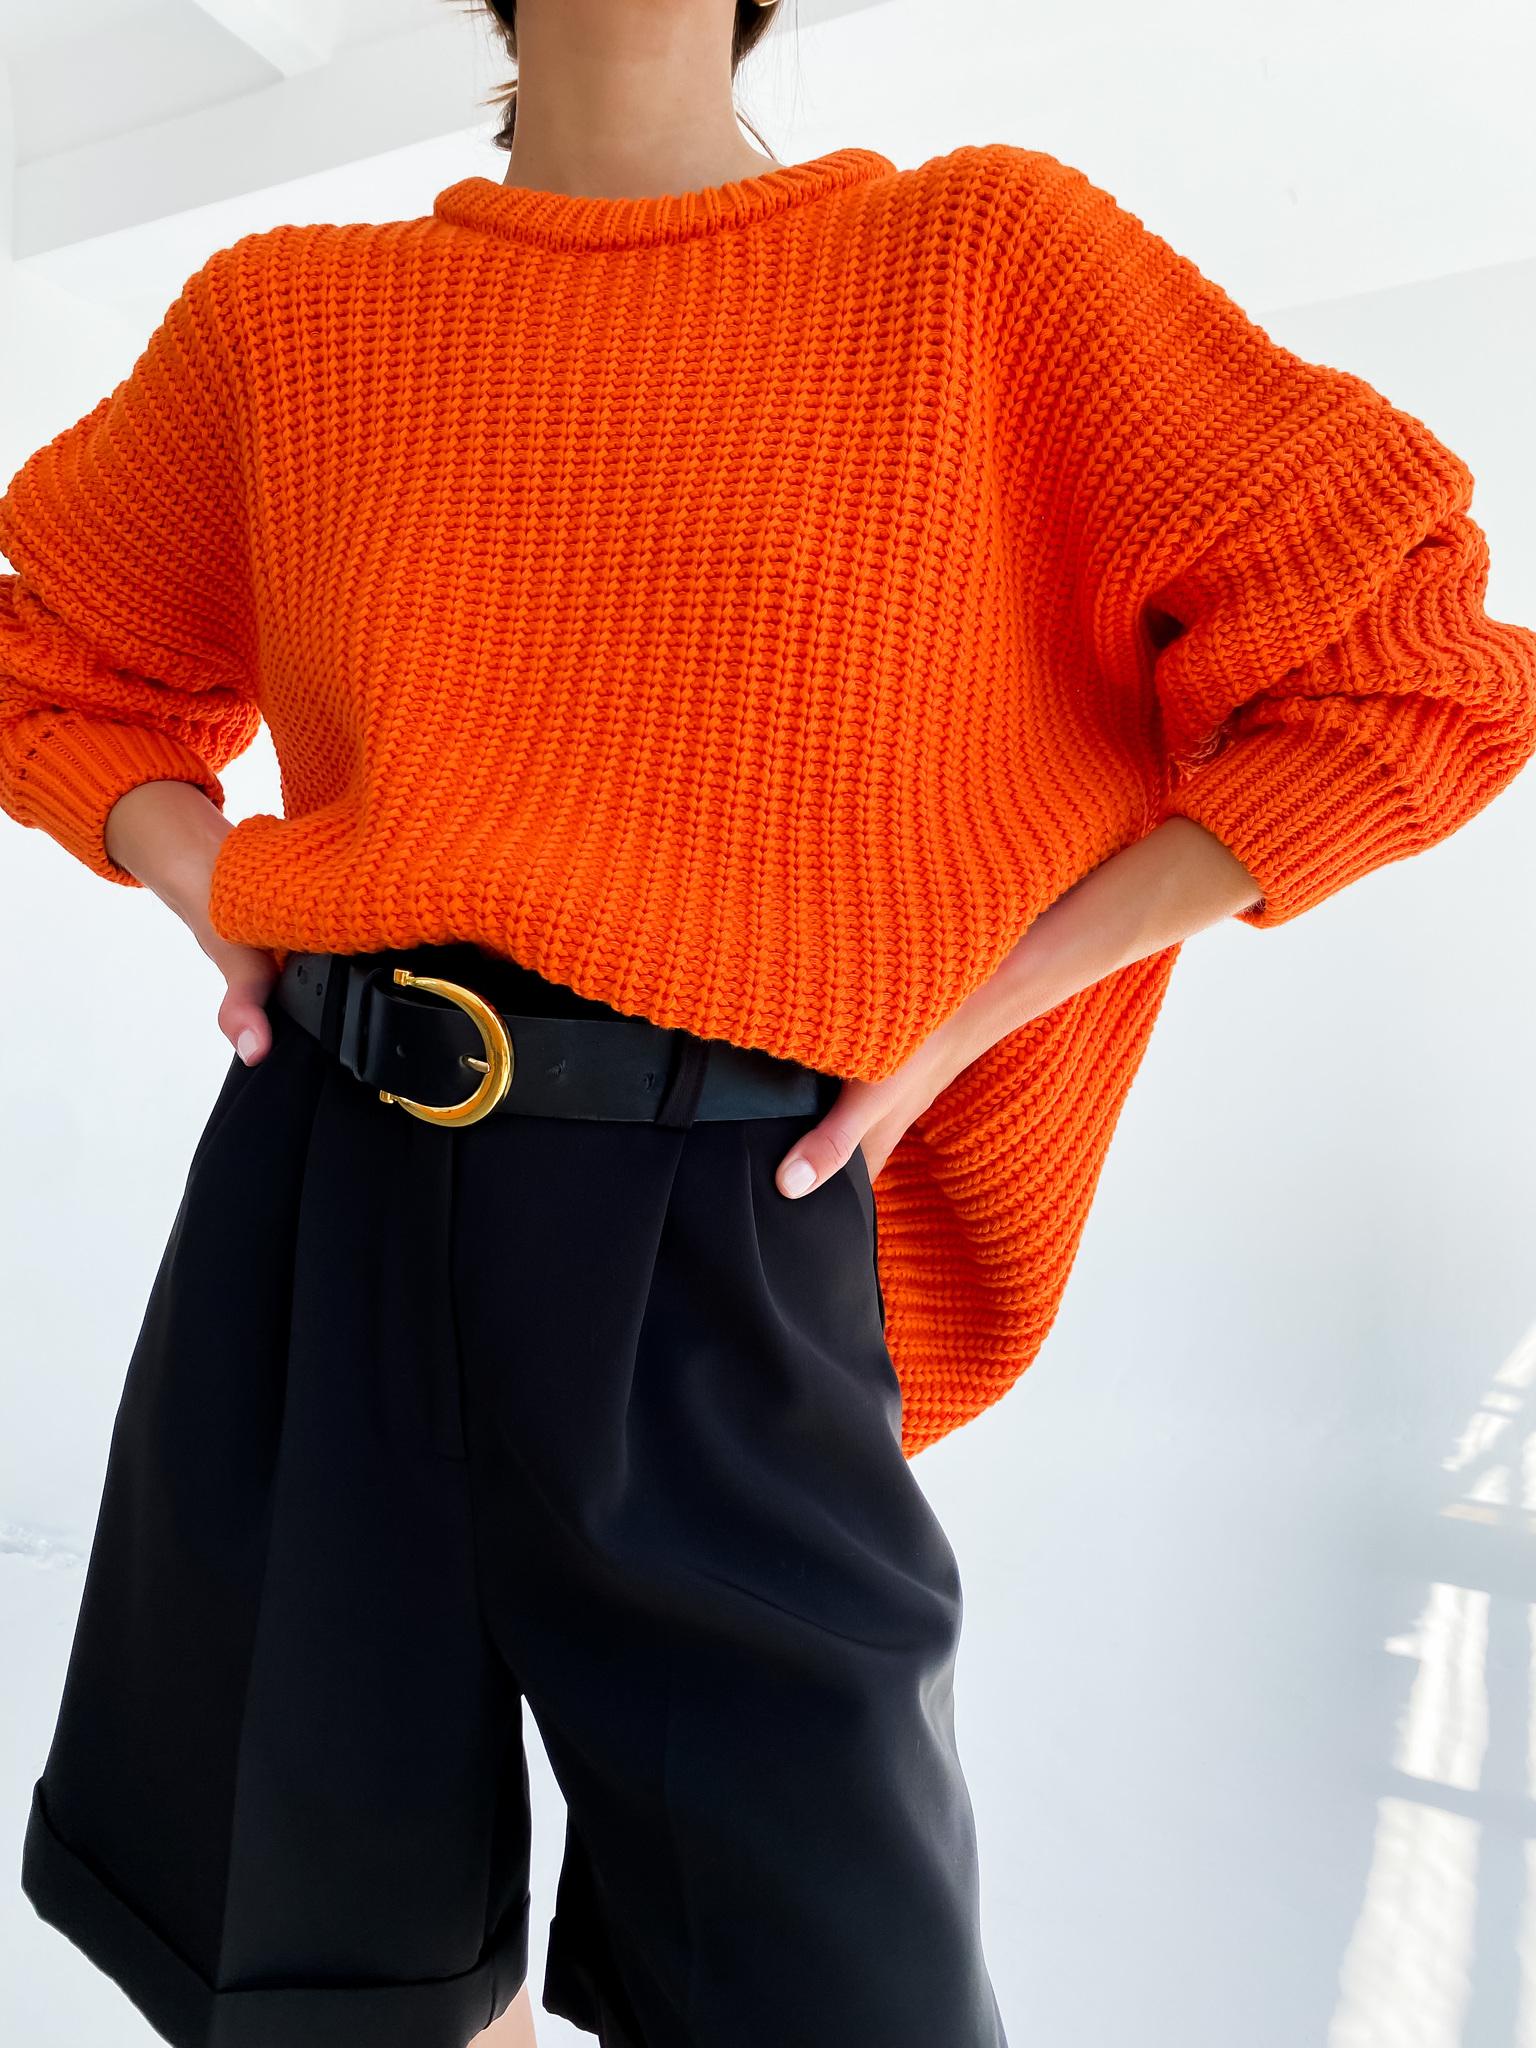 Свитер крупной вязки из хлопка (оранжевый)